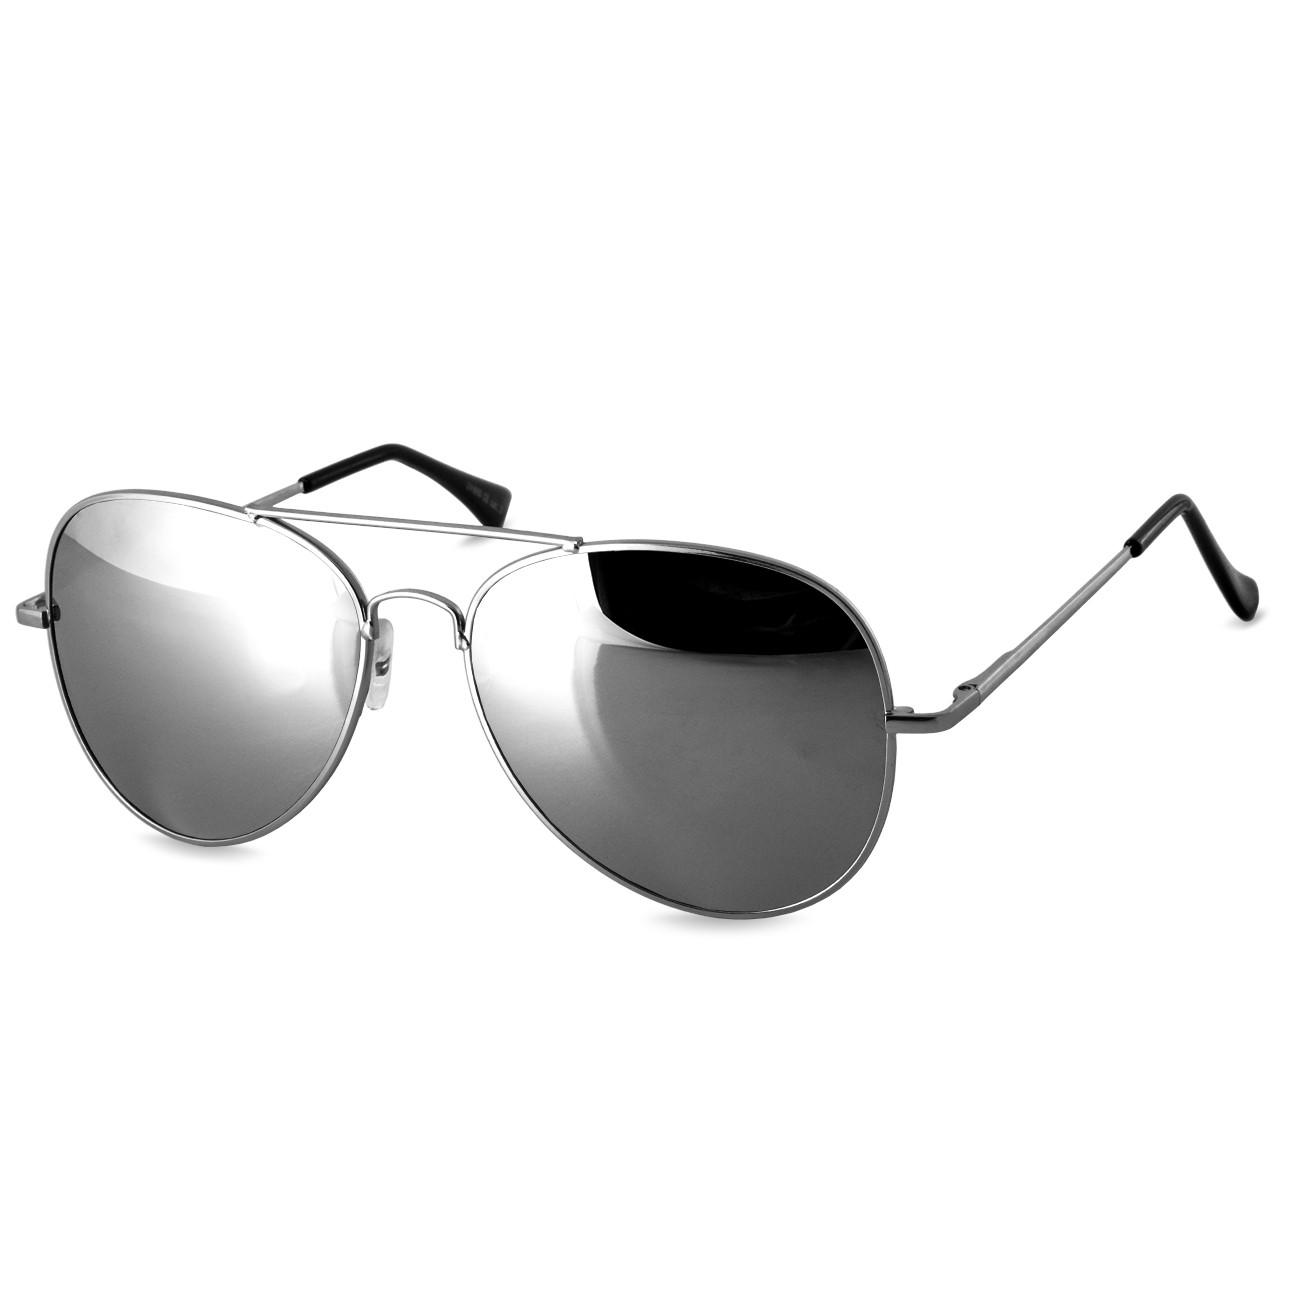 caspar damen herren aviator sonnenbrille pilotenbrille police brille verspiegelt ebay. Black Bedroom Furniture Sets. Home Design Ideas